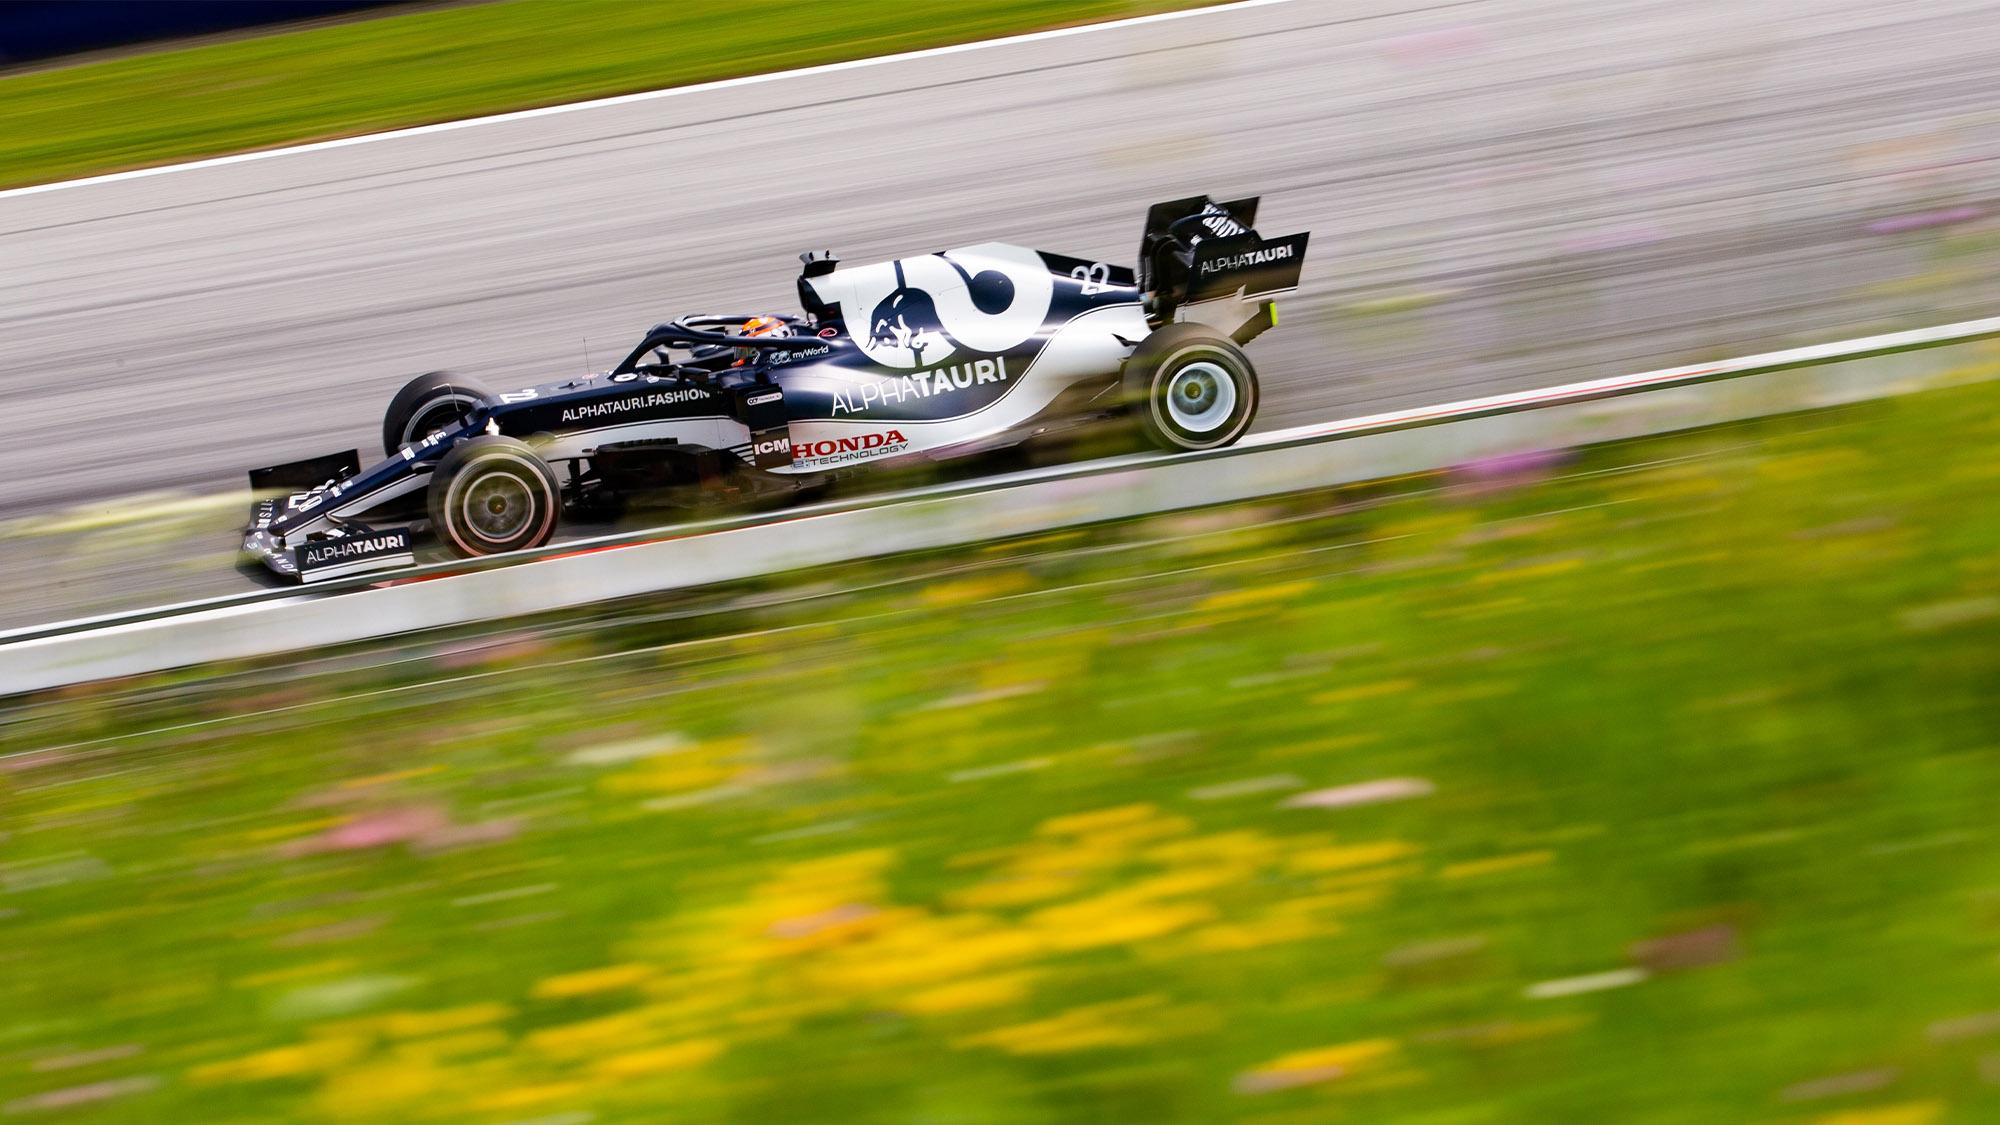 Yuki Tsunoda qualifying for the 2021 Styrian Grand Prix